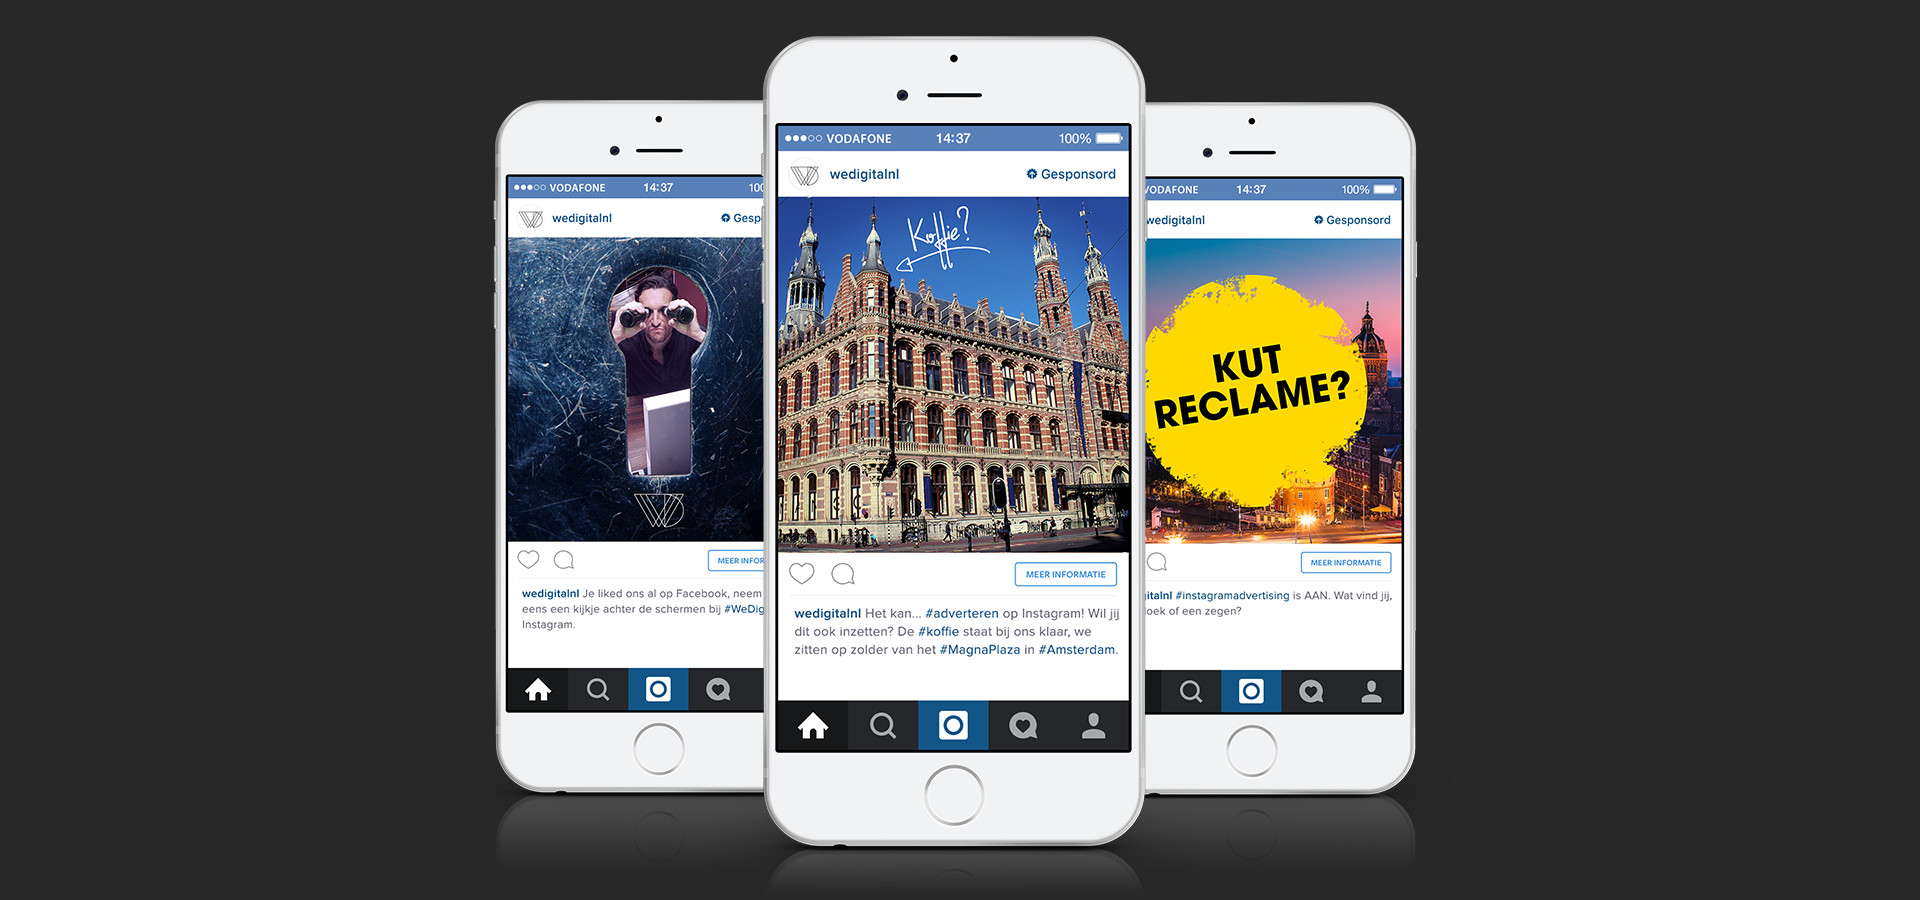 Instagram advertenties WeDigital